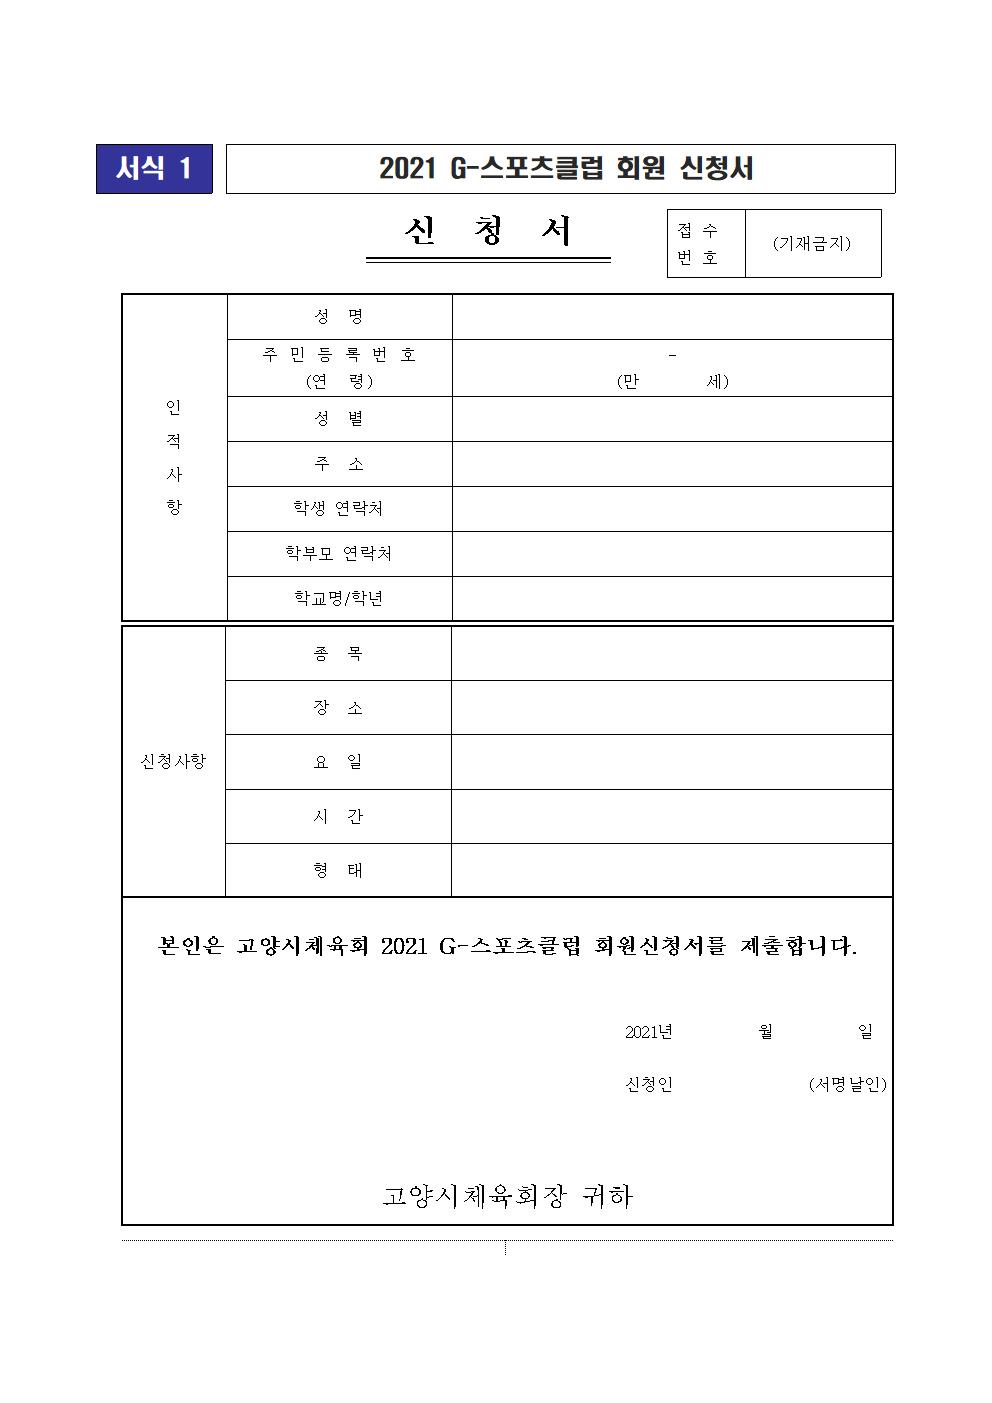 [일반] 2021 G-스포츠클럽(경기도형운동부) 회원 모집의 첨부이미지 3